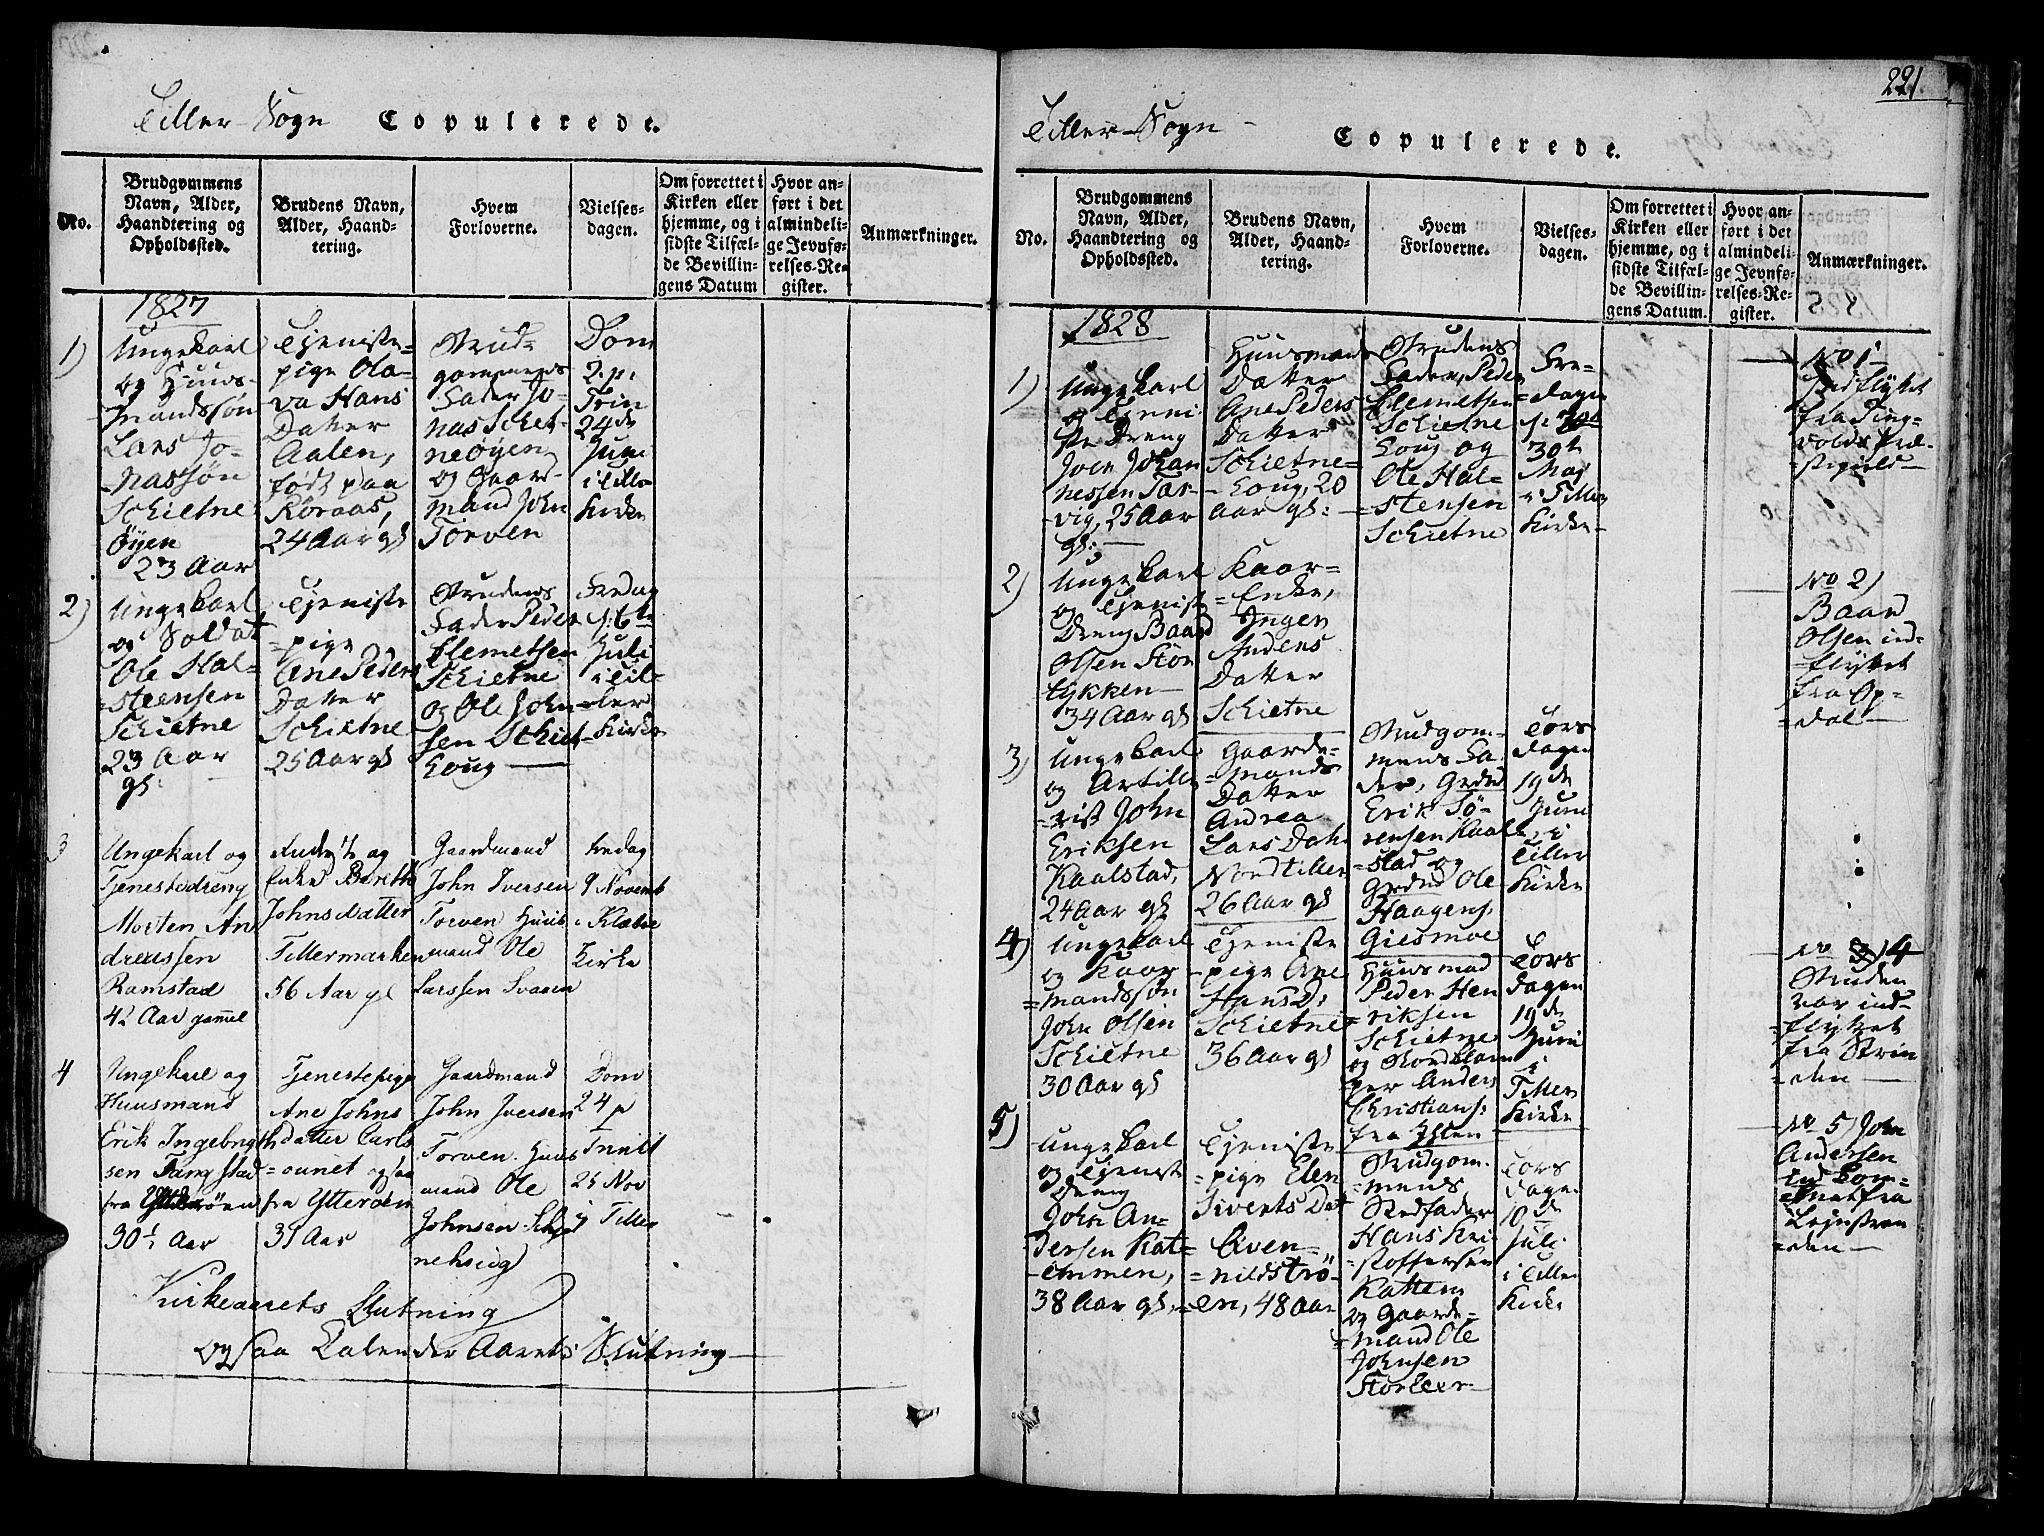 SAT, Ministerialprotokoller, klokkerbøker og fødselsregistre - Sør-Trøndelag, 618/L0440: Ministerialbok nr. 618A04 /2, 1816-1843, s. 221